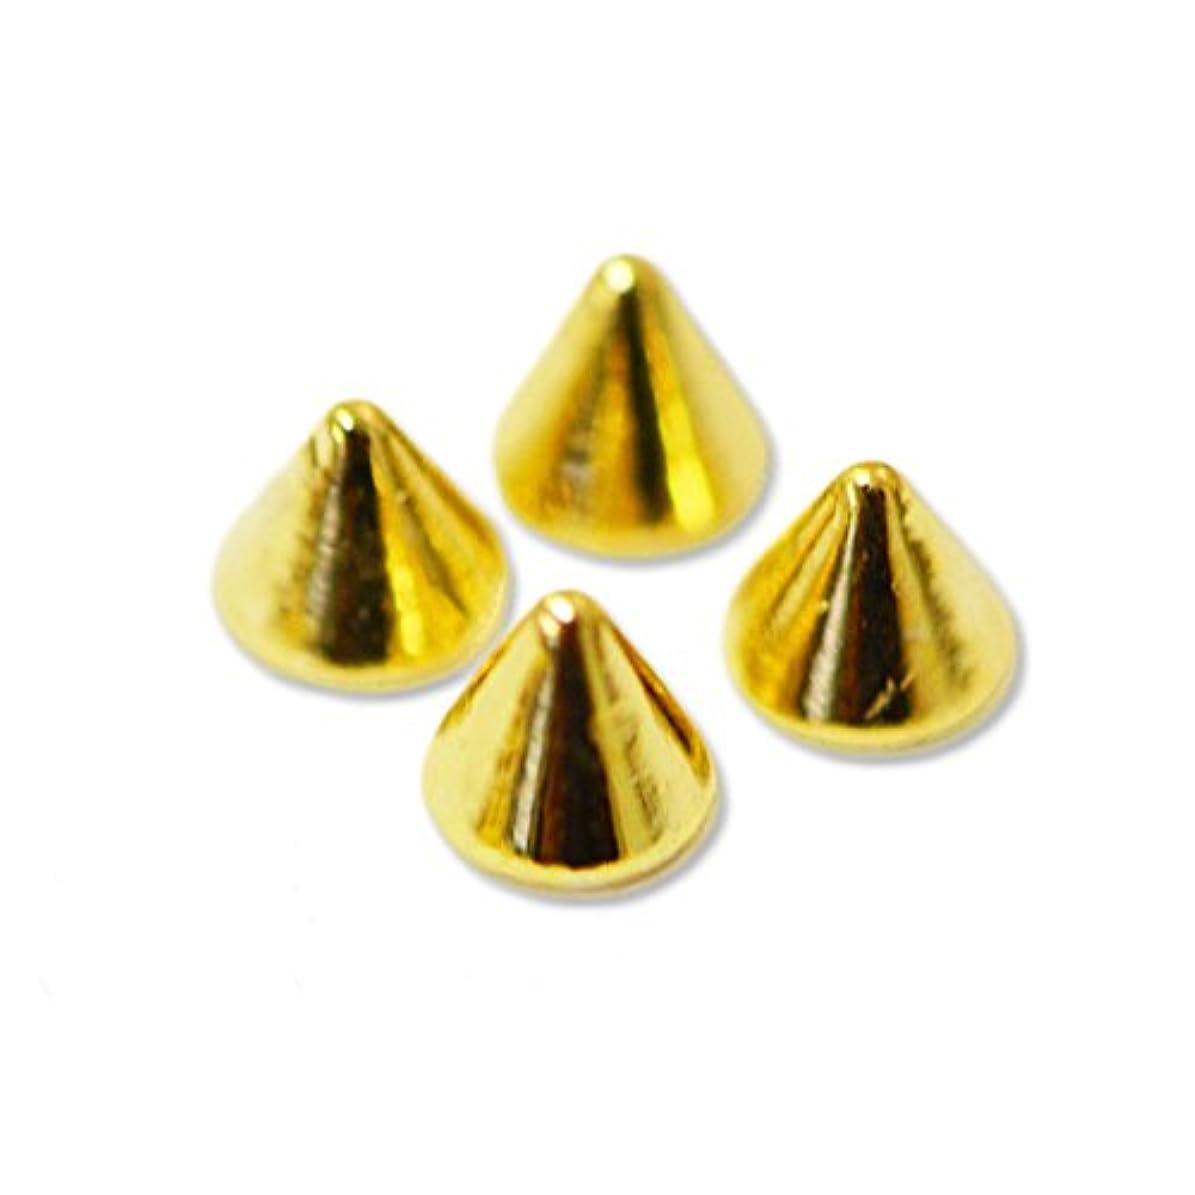 アイデア空白程度ジュエリーメタルパーツ ロックスタッズ 円錐形(コーン)の鋲 : 4個入り ゴールド 直径3mm×高さ2mm